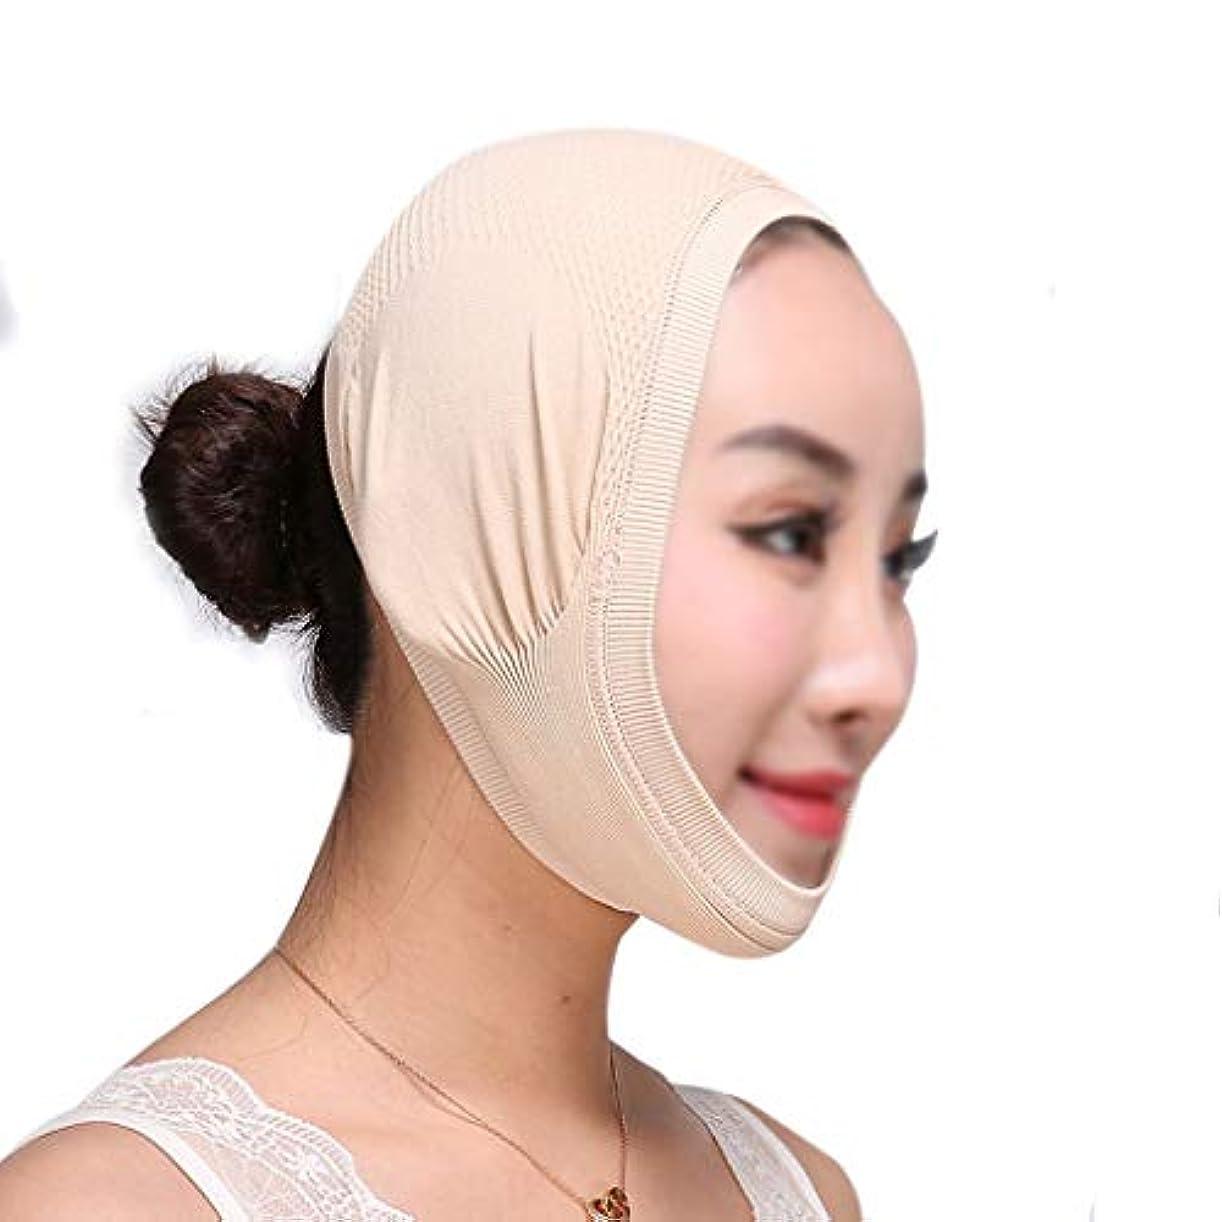 ロータリー資産所得整形外科病院ライン彫刻術後回復ヘッドギア医療マスク睡眠vフェイスリフティング包帯薄いフェイスマスク (Size : Skin tone(B))